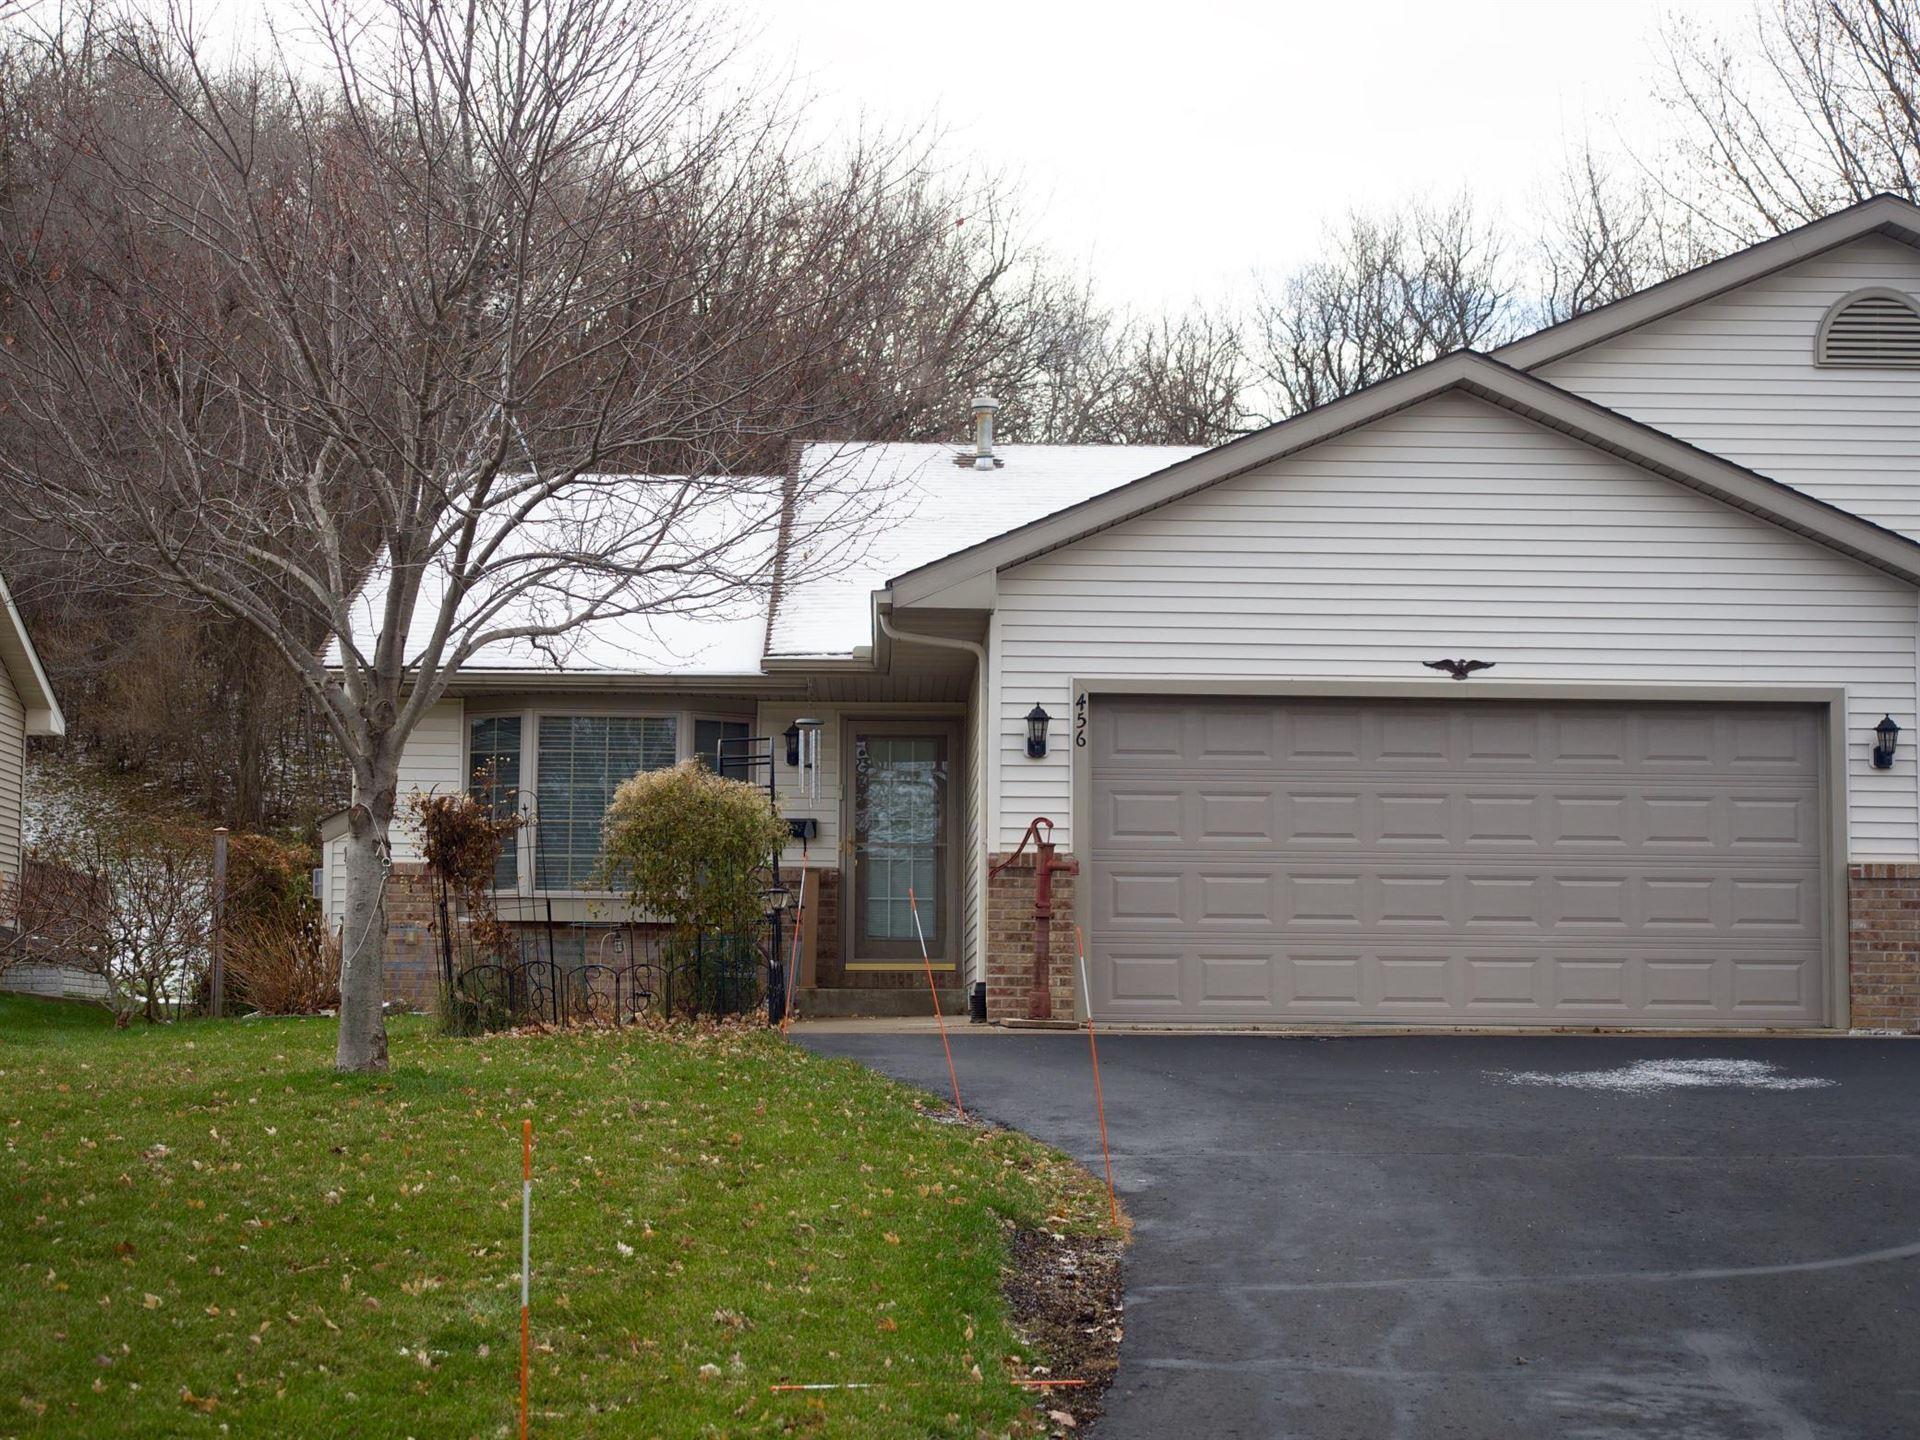 456 Parkview Lane, River Falls, WI 54022 - MLS#: 5686048